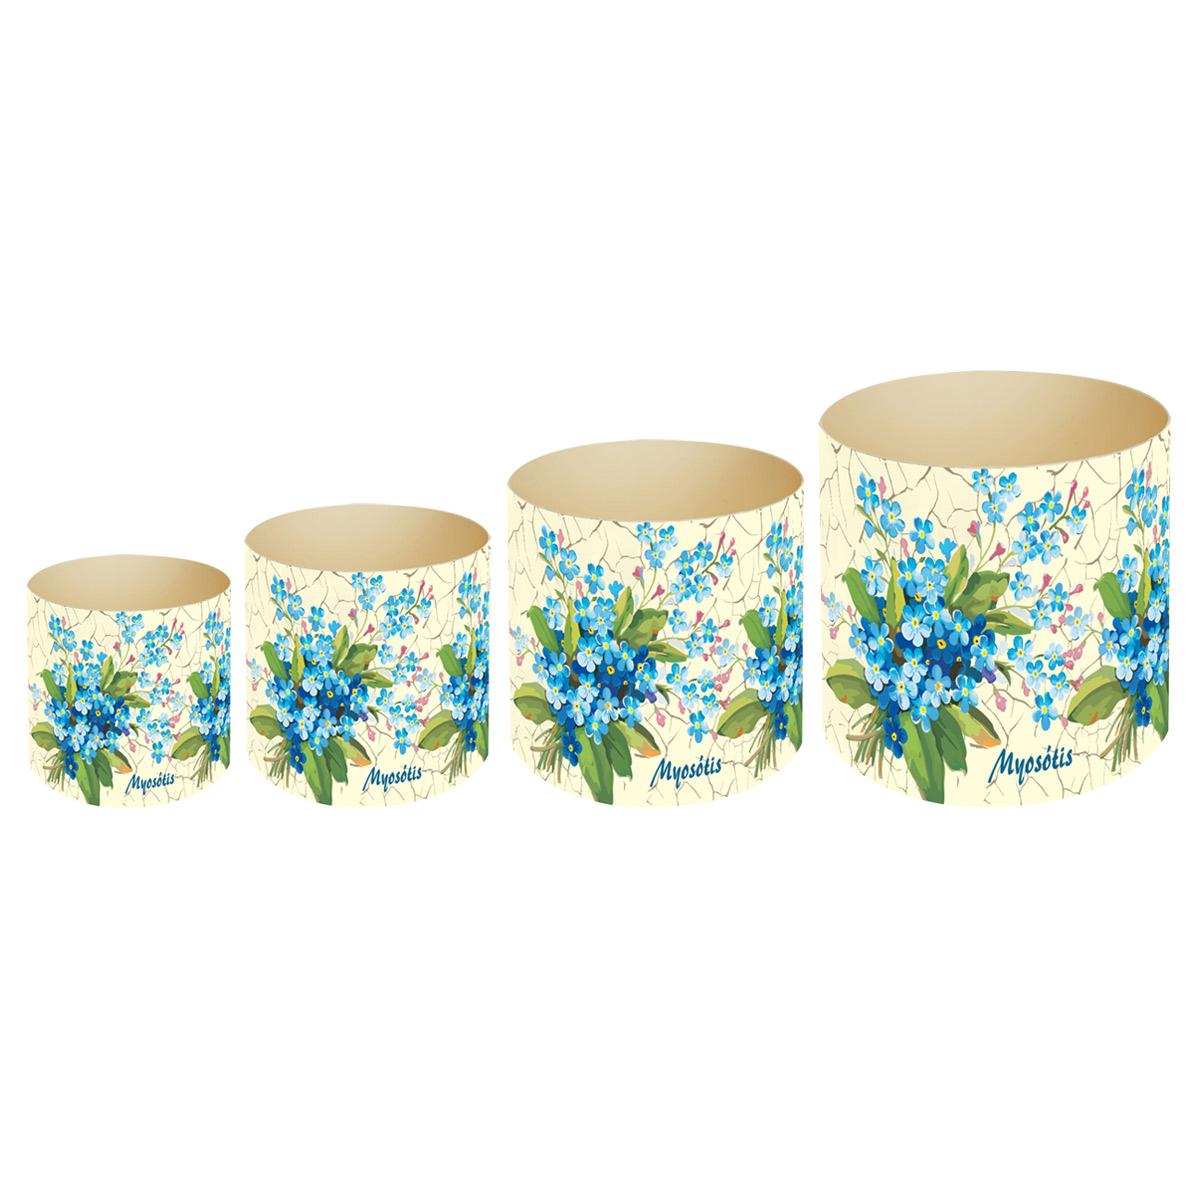 Набор горшков для цветов Miolla Прованс незабудки, со скрытым поддоном, 4 предметаSMG-SET11Набор Miolla Прованс незабудки состоит из 4 горшков со скрытыми поддонами. Горшкивыполнены из пластика и декорированы цветочным рисунком. Изделия предназначены для цветов. Изделия оснащены специальными скрытыми поддонами.Диаметр горшков: 20,5 см, 16,5 см, 13,5 см, 11,5 см.Высота горшков (с учетом поддона): 19 см, 16 см, 13,5 см, 11,5 см.Объем горшков: 1 л, 1,7 л, 2,8 л, 5,1 л.